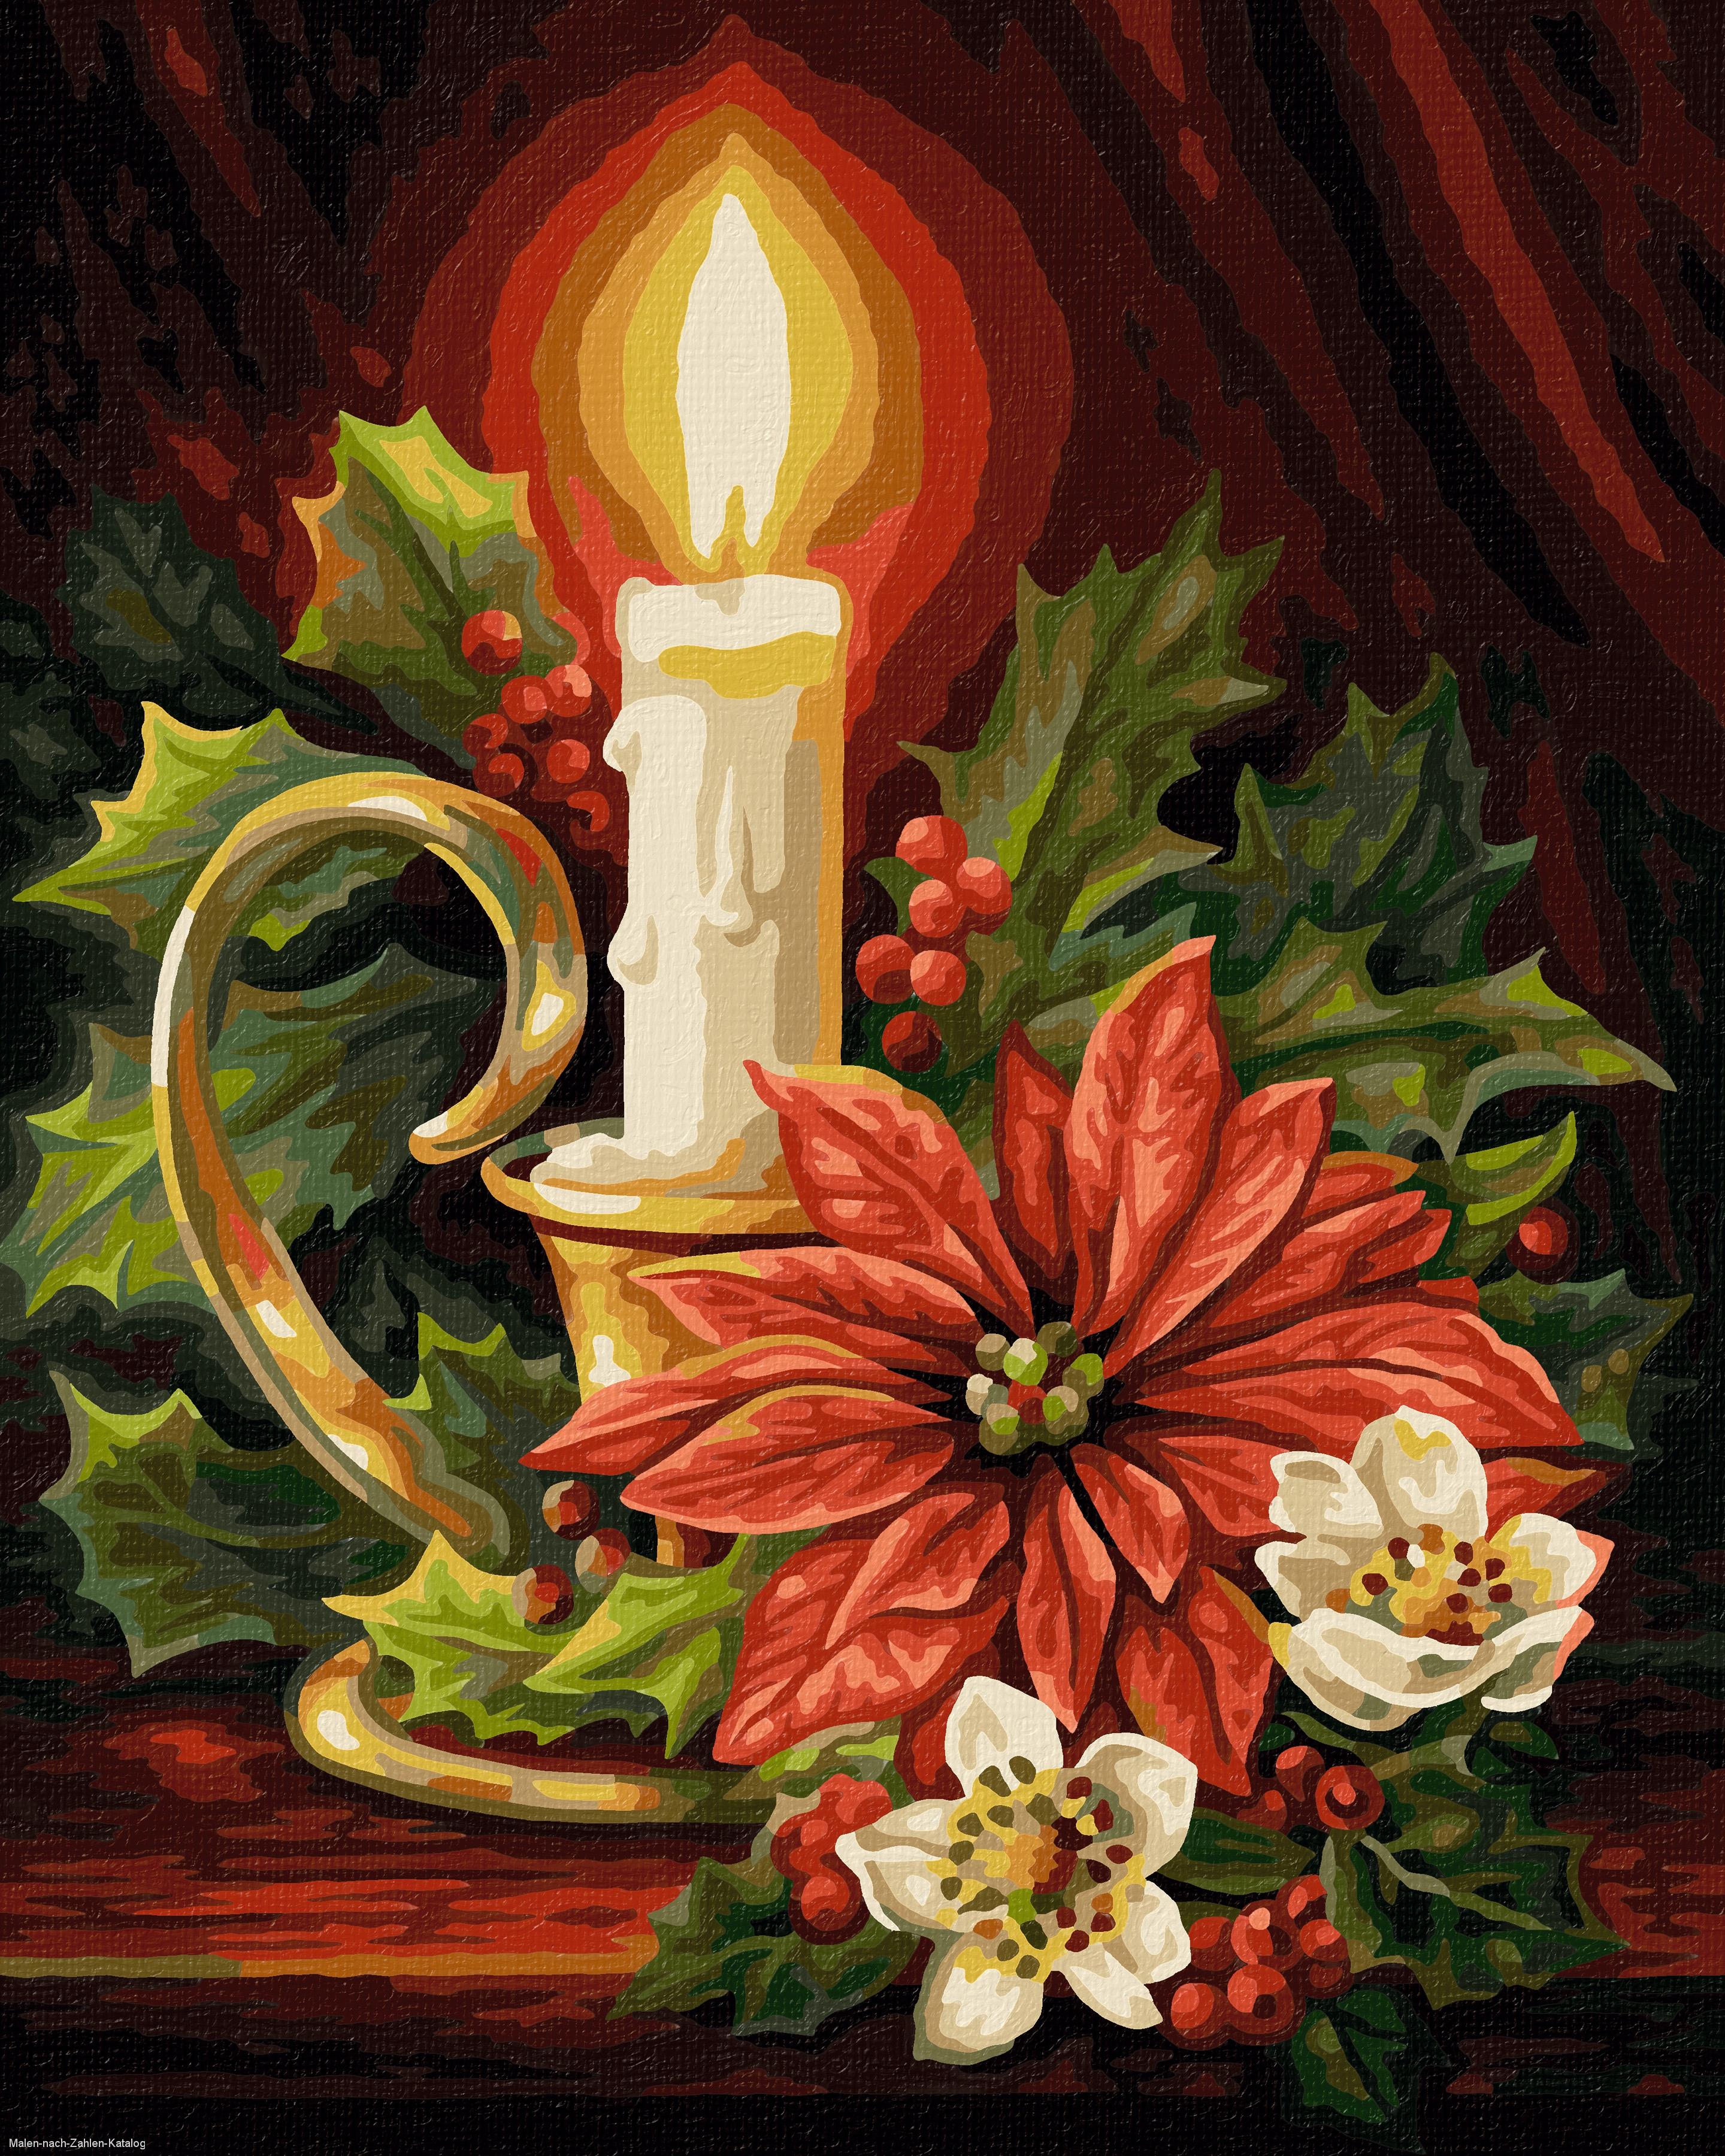 Schipper Malen nach Zahlen Klassiker 24 x 30 cm - Weihnachten